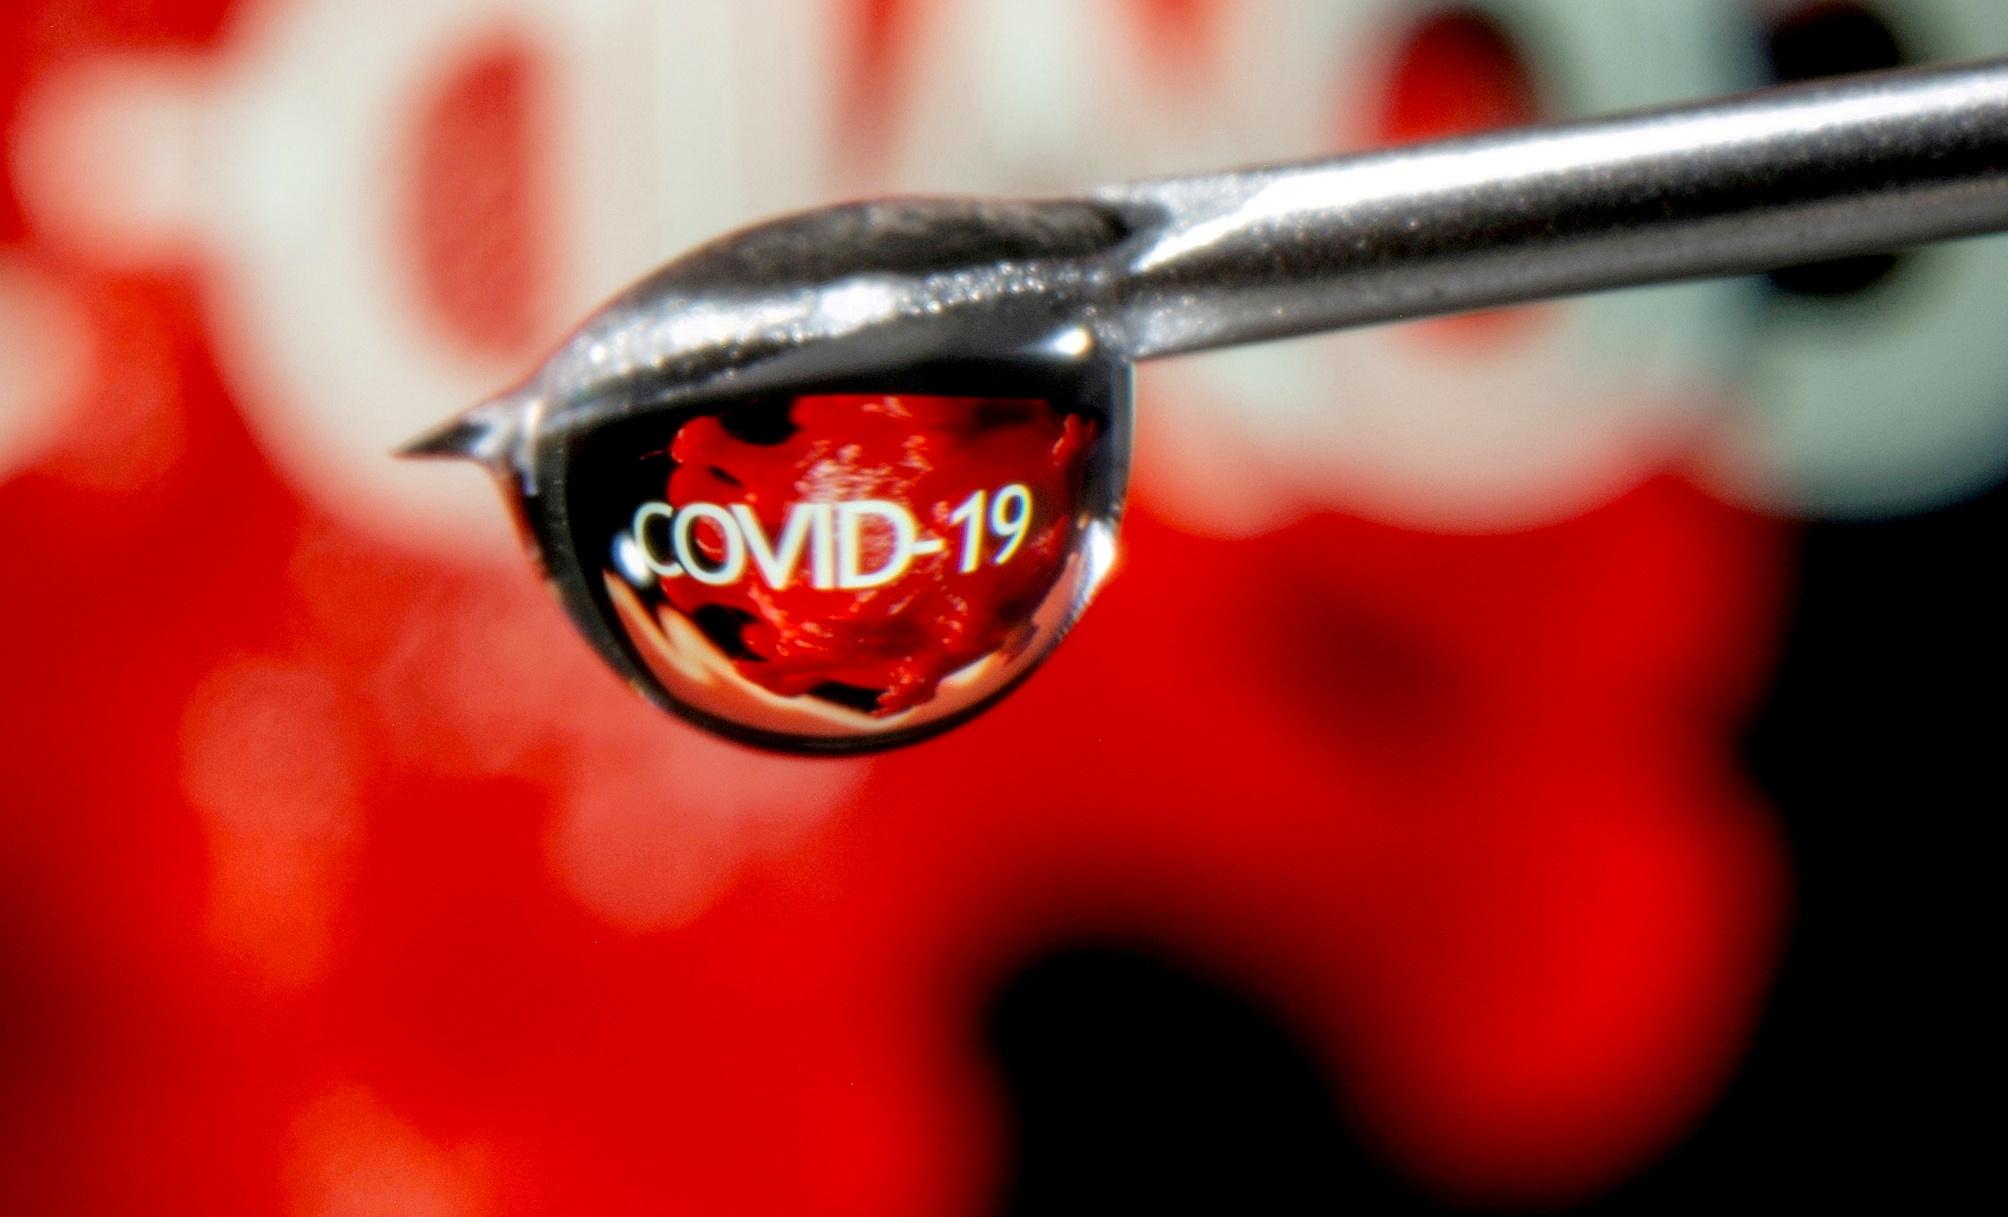 La OMS estima que en los próximos tres meses morirán 236.000 personas por Covid-19 en Europa